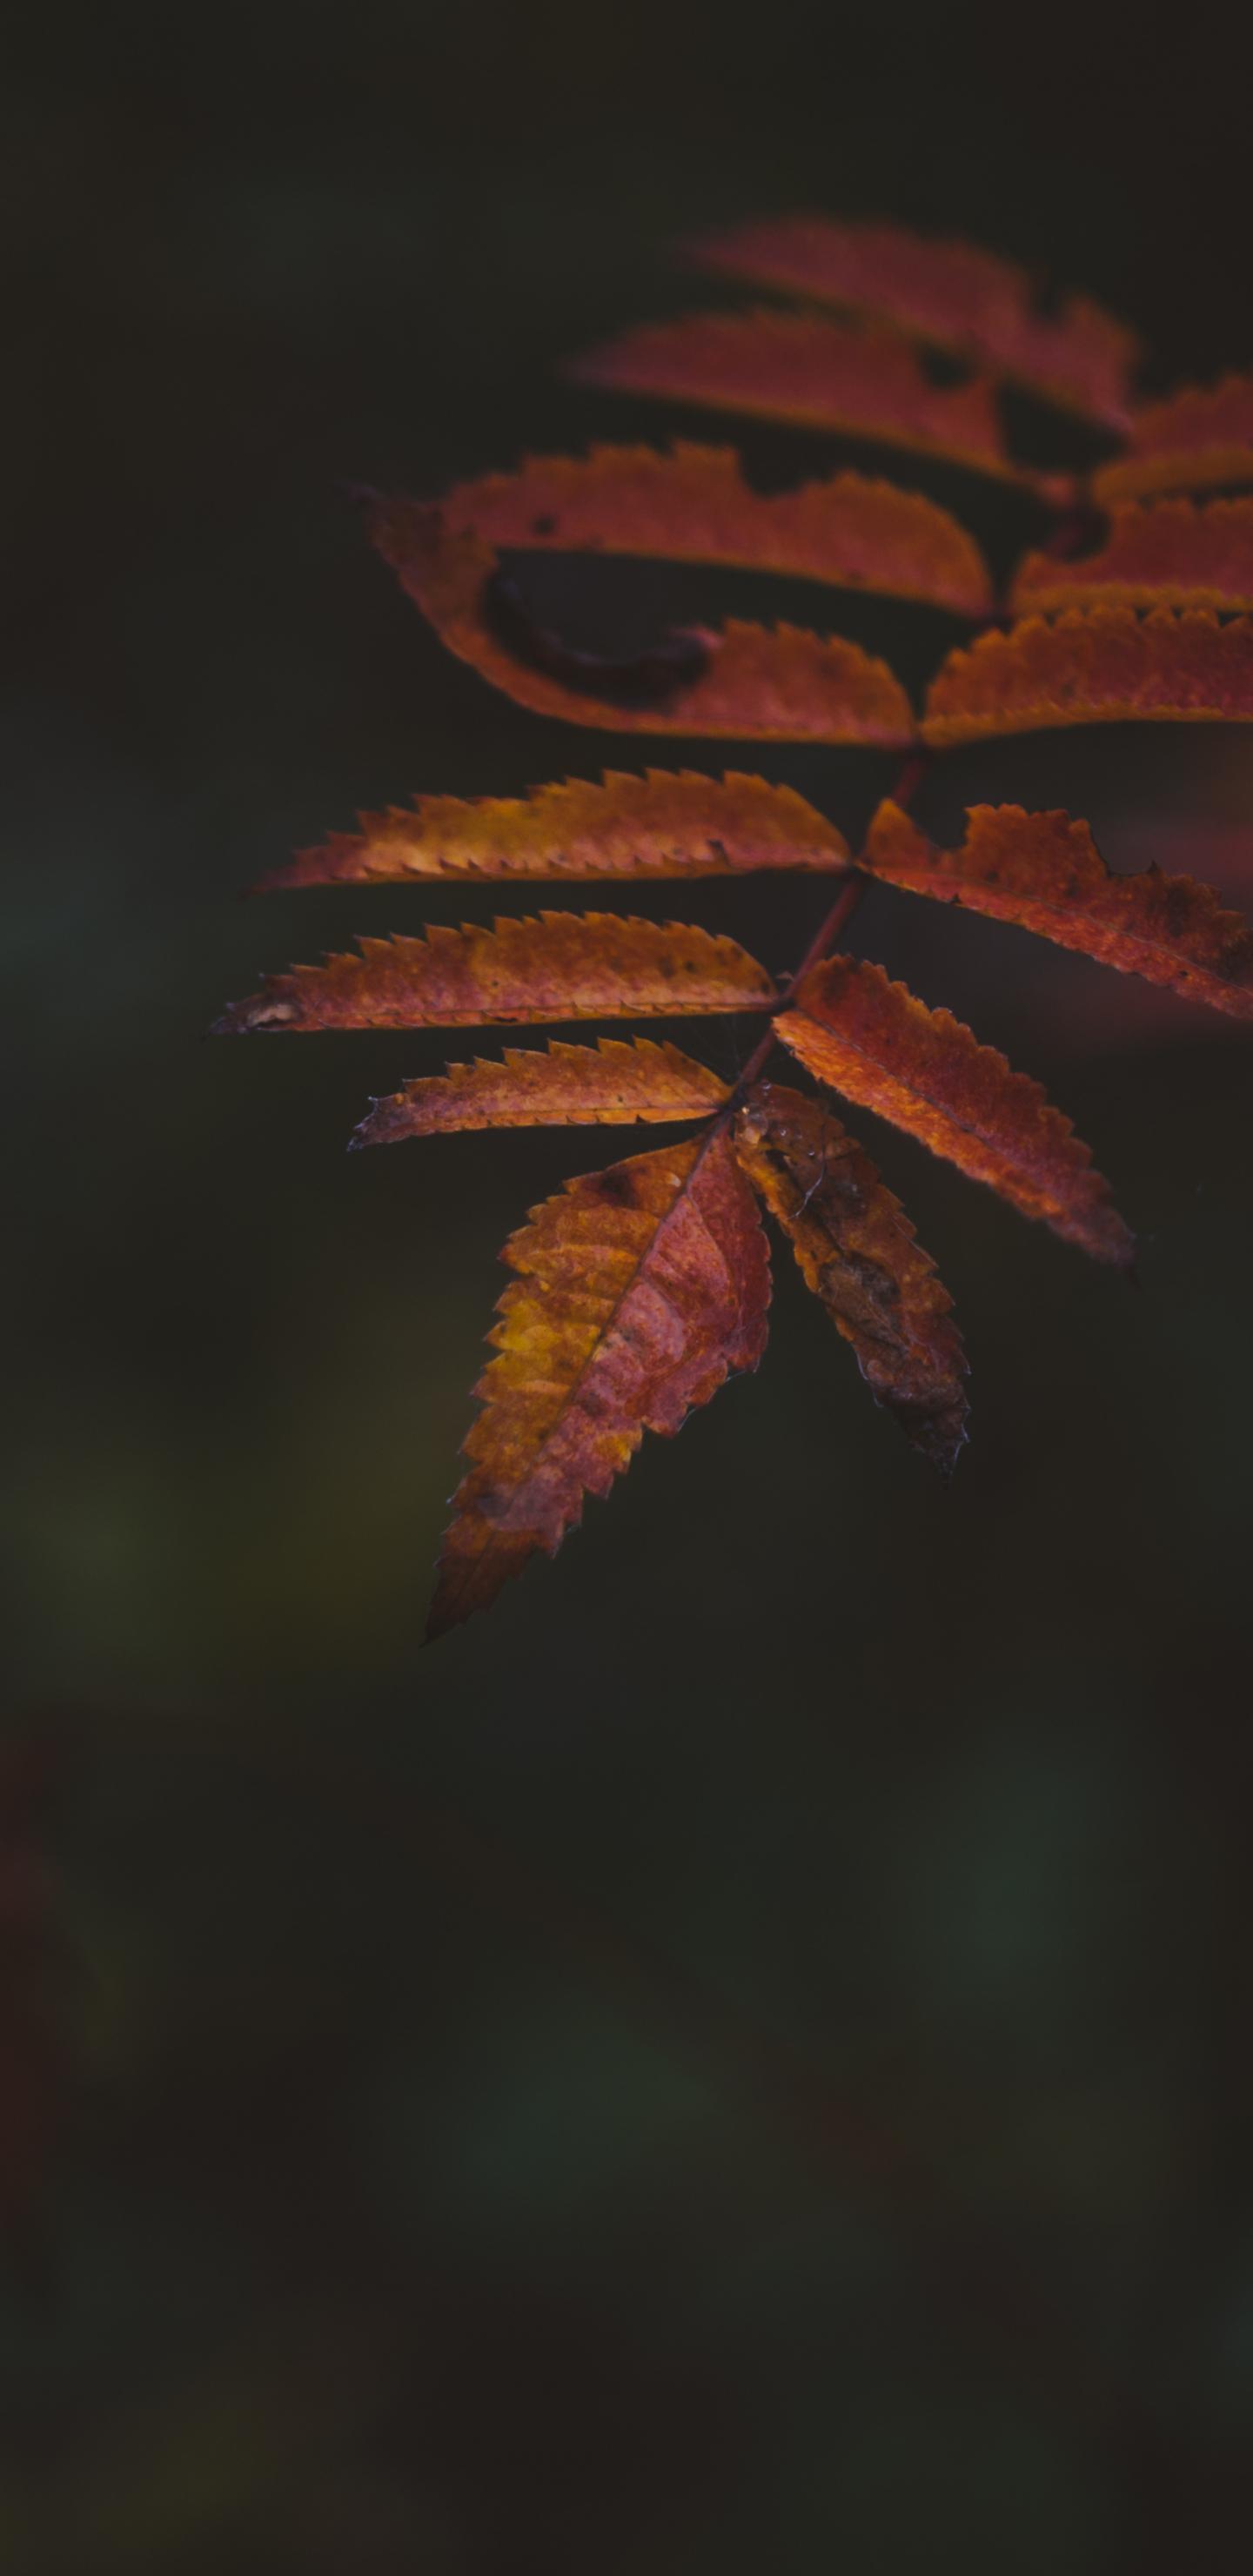 Autumn, portrait, leaf, 1440x2960 wallpaper